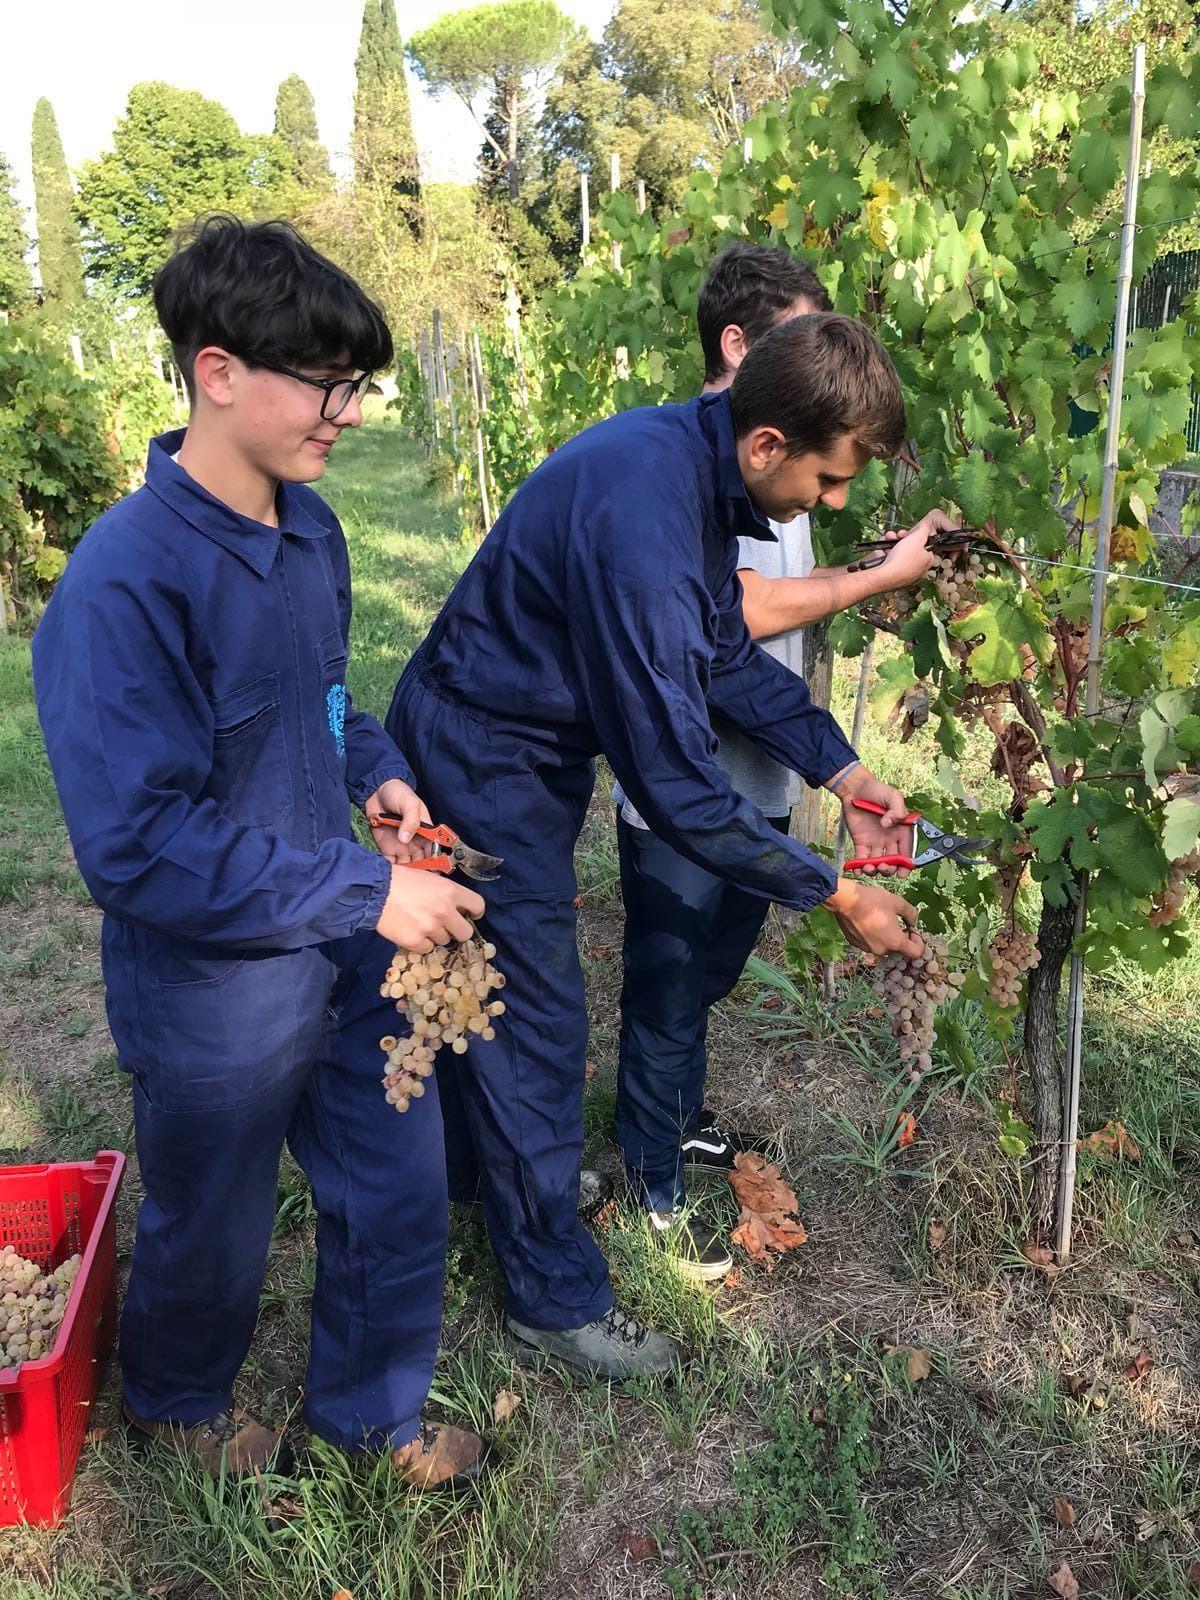 Viticoltura: i vini del Levante genovese tutelati da un consorzio